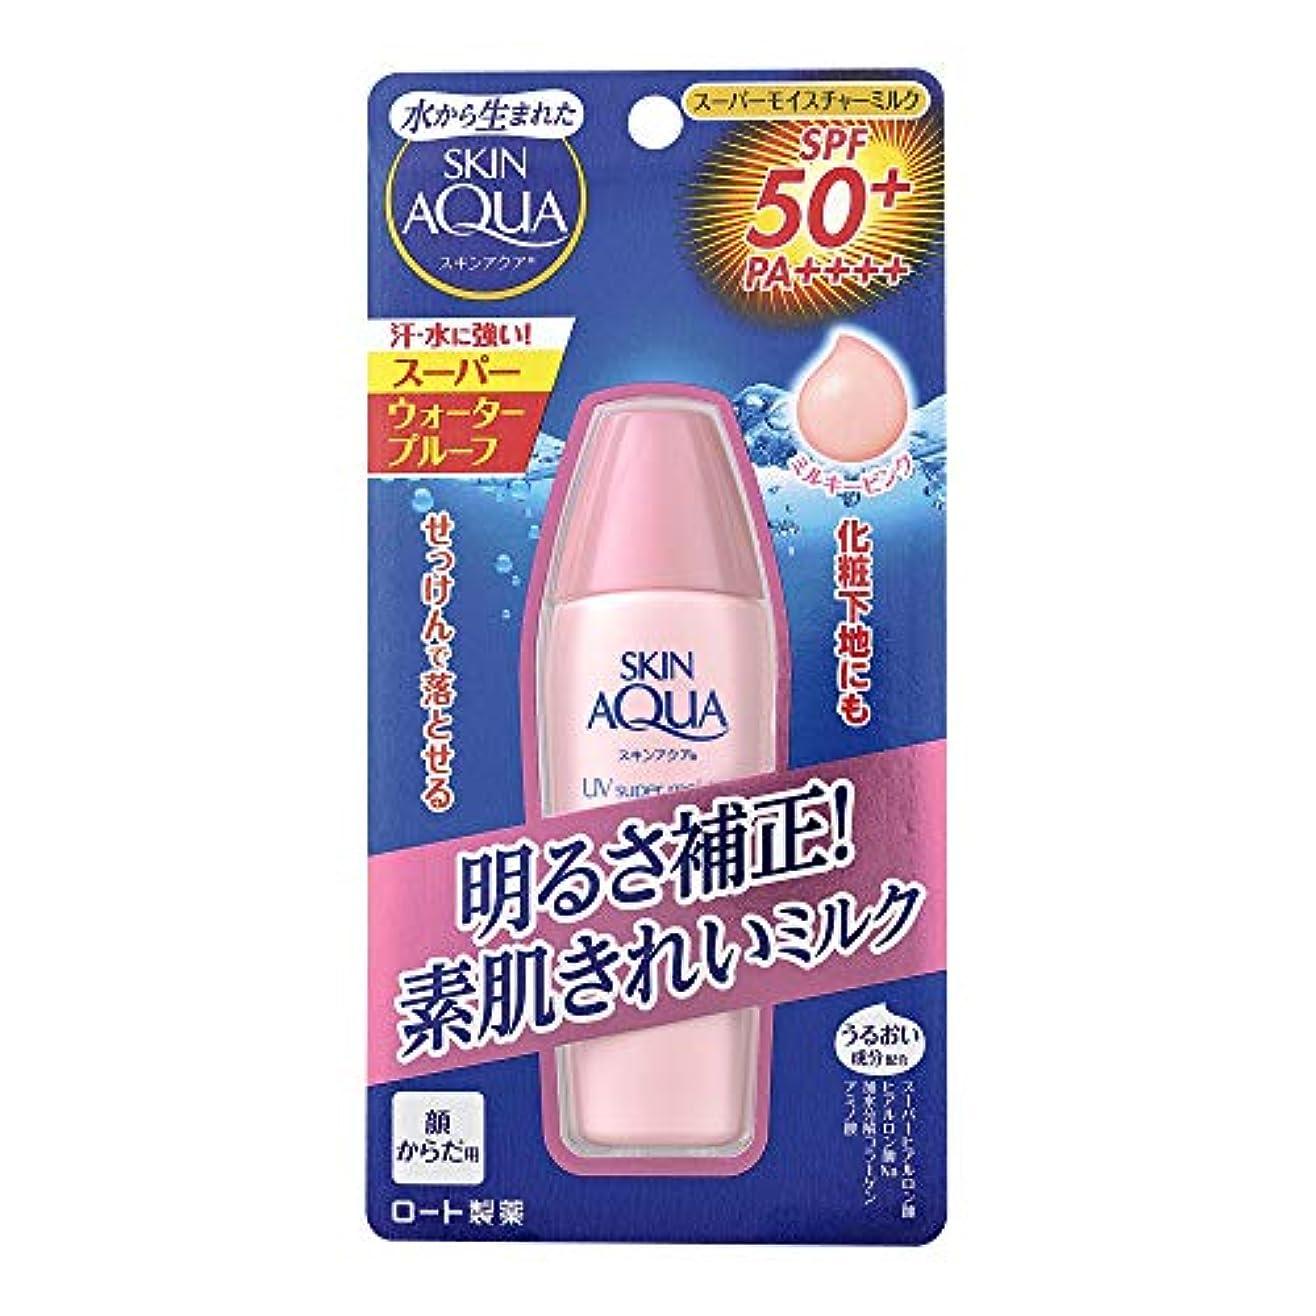 混合したパキスタンブロンズスキンアクア (SKIN AQUA) 日焼け止め スーパーモイスチャーミルク 潤い成分4種配合 水感ミルク ミルキーピンク (SPF50 PA++++) 40mL ※スーパーウォータープルーフ